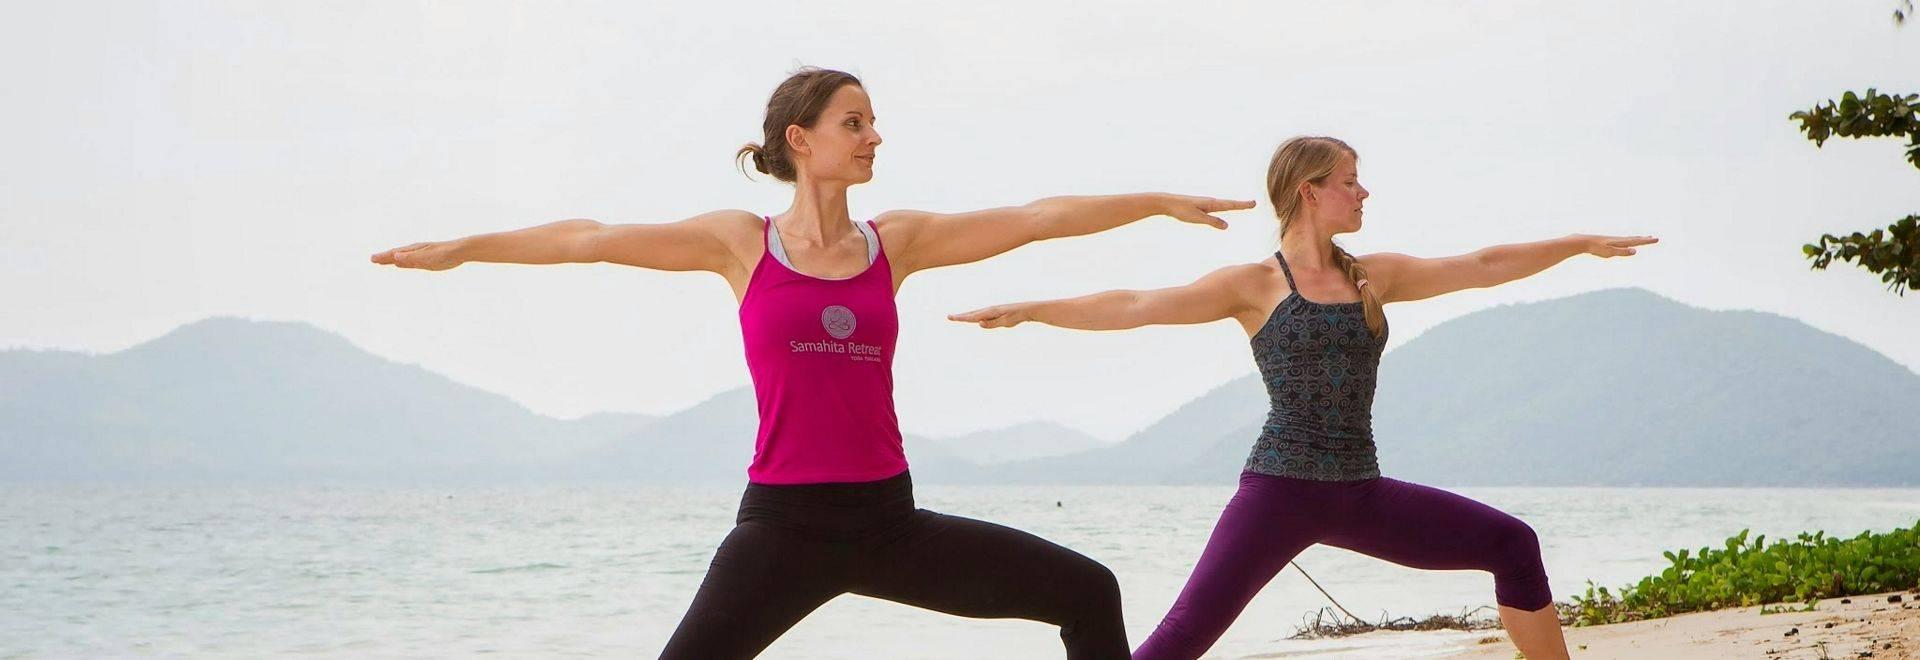 Samahita-beach-yoga-4.jpg